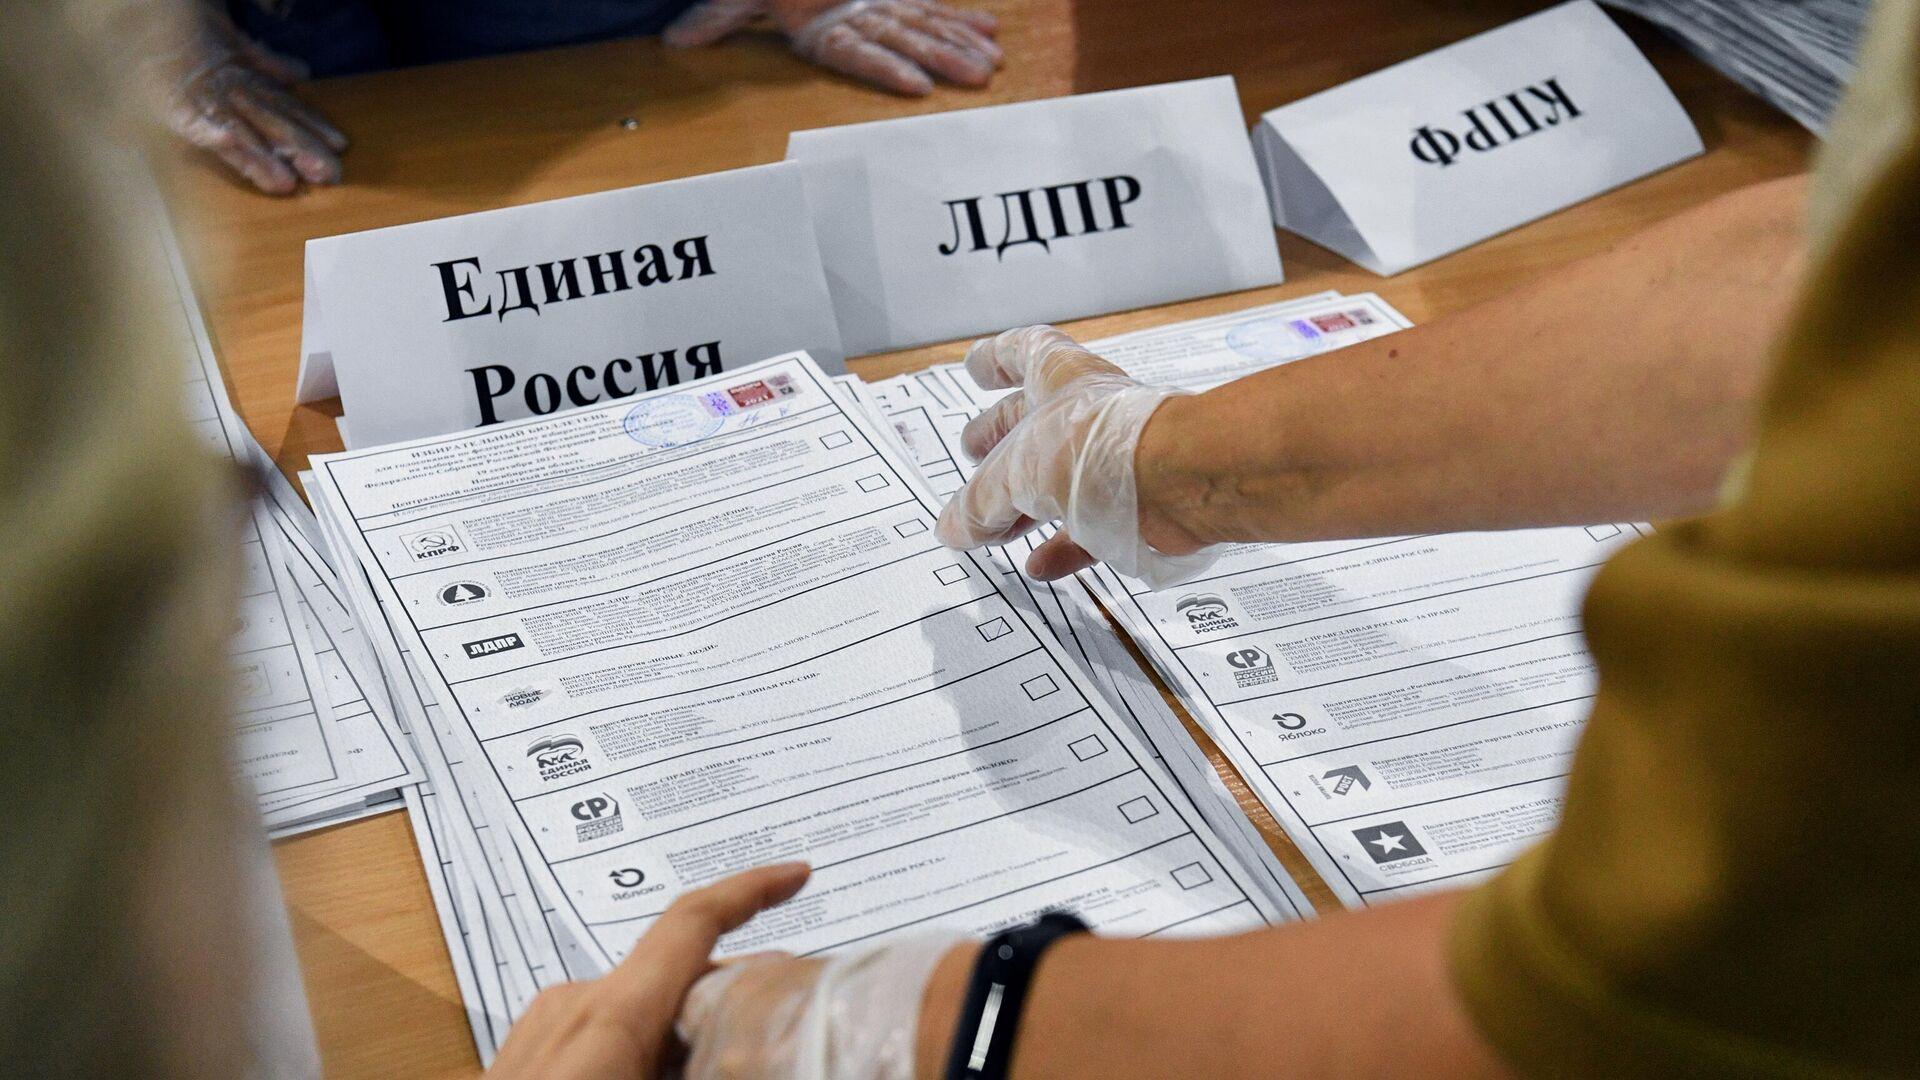 Сортировка бюллетеней во время подсчета голосов после закрытия избирательного участка №1986 в Новосибирске - РИА Новости, 1920, 20.09.2021